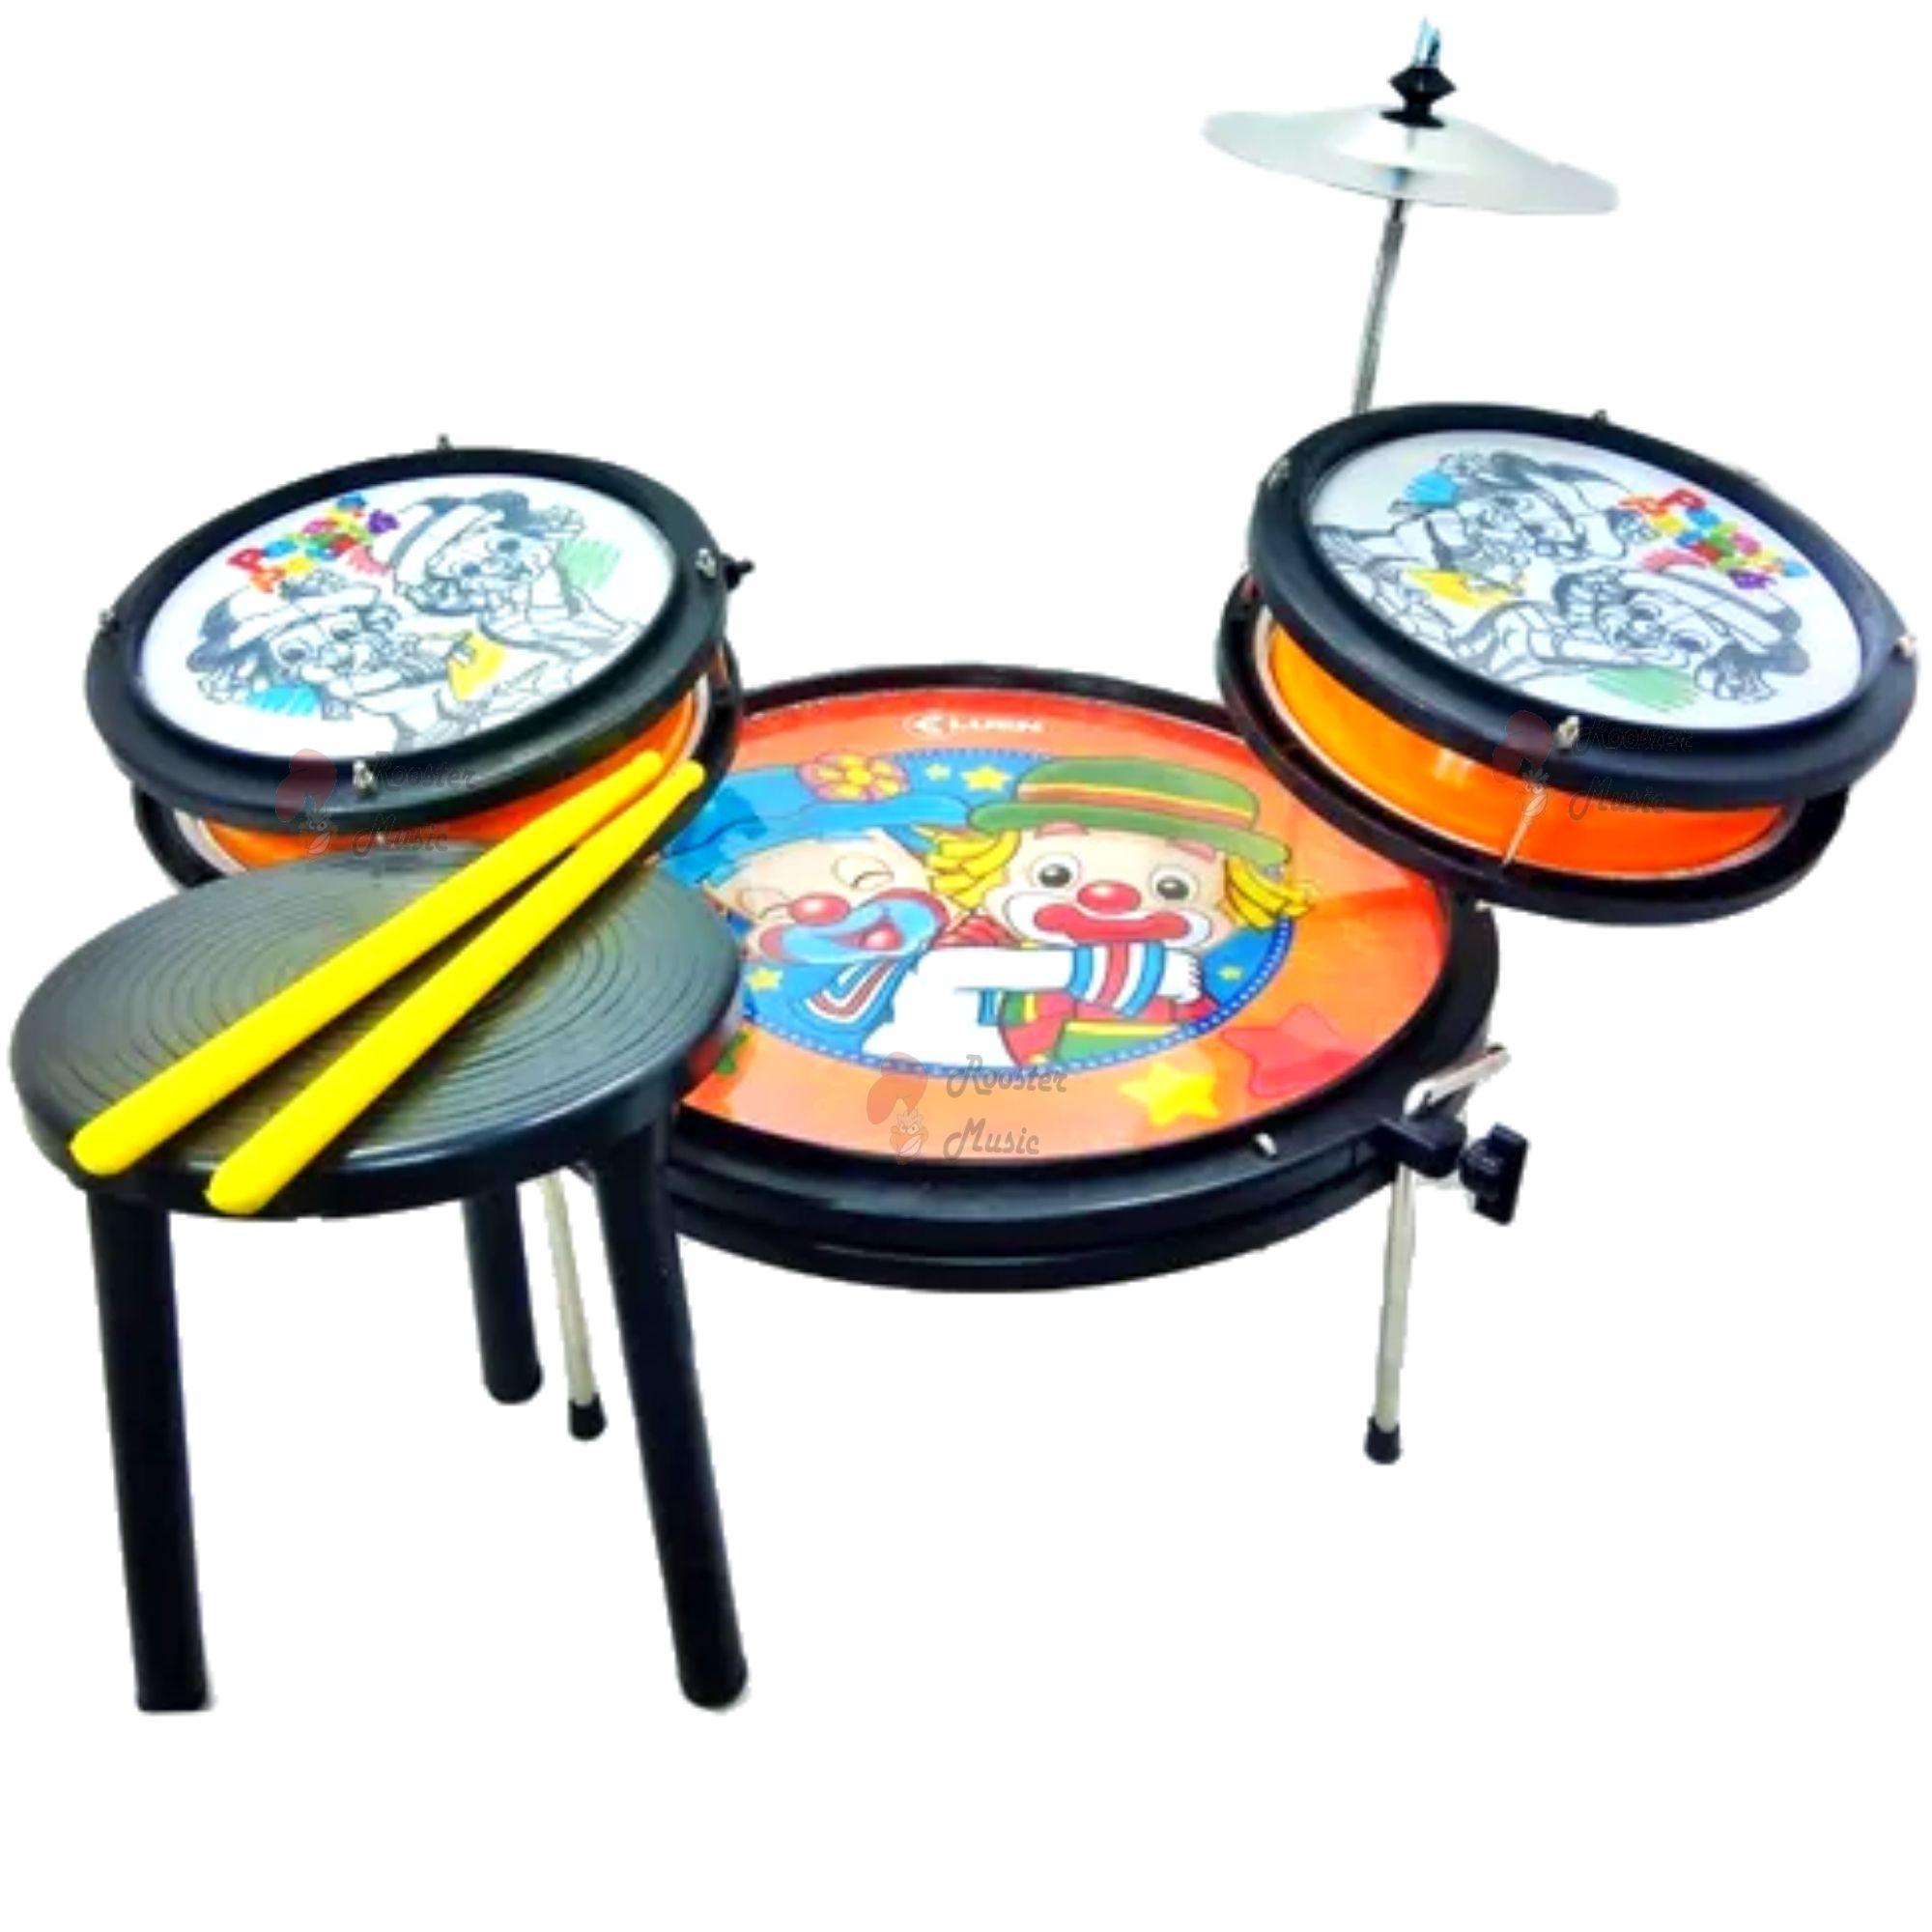 Bateria Infantil Pocket Drum Luen, com banco, baquetas, prato e canetinha.